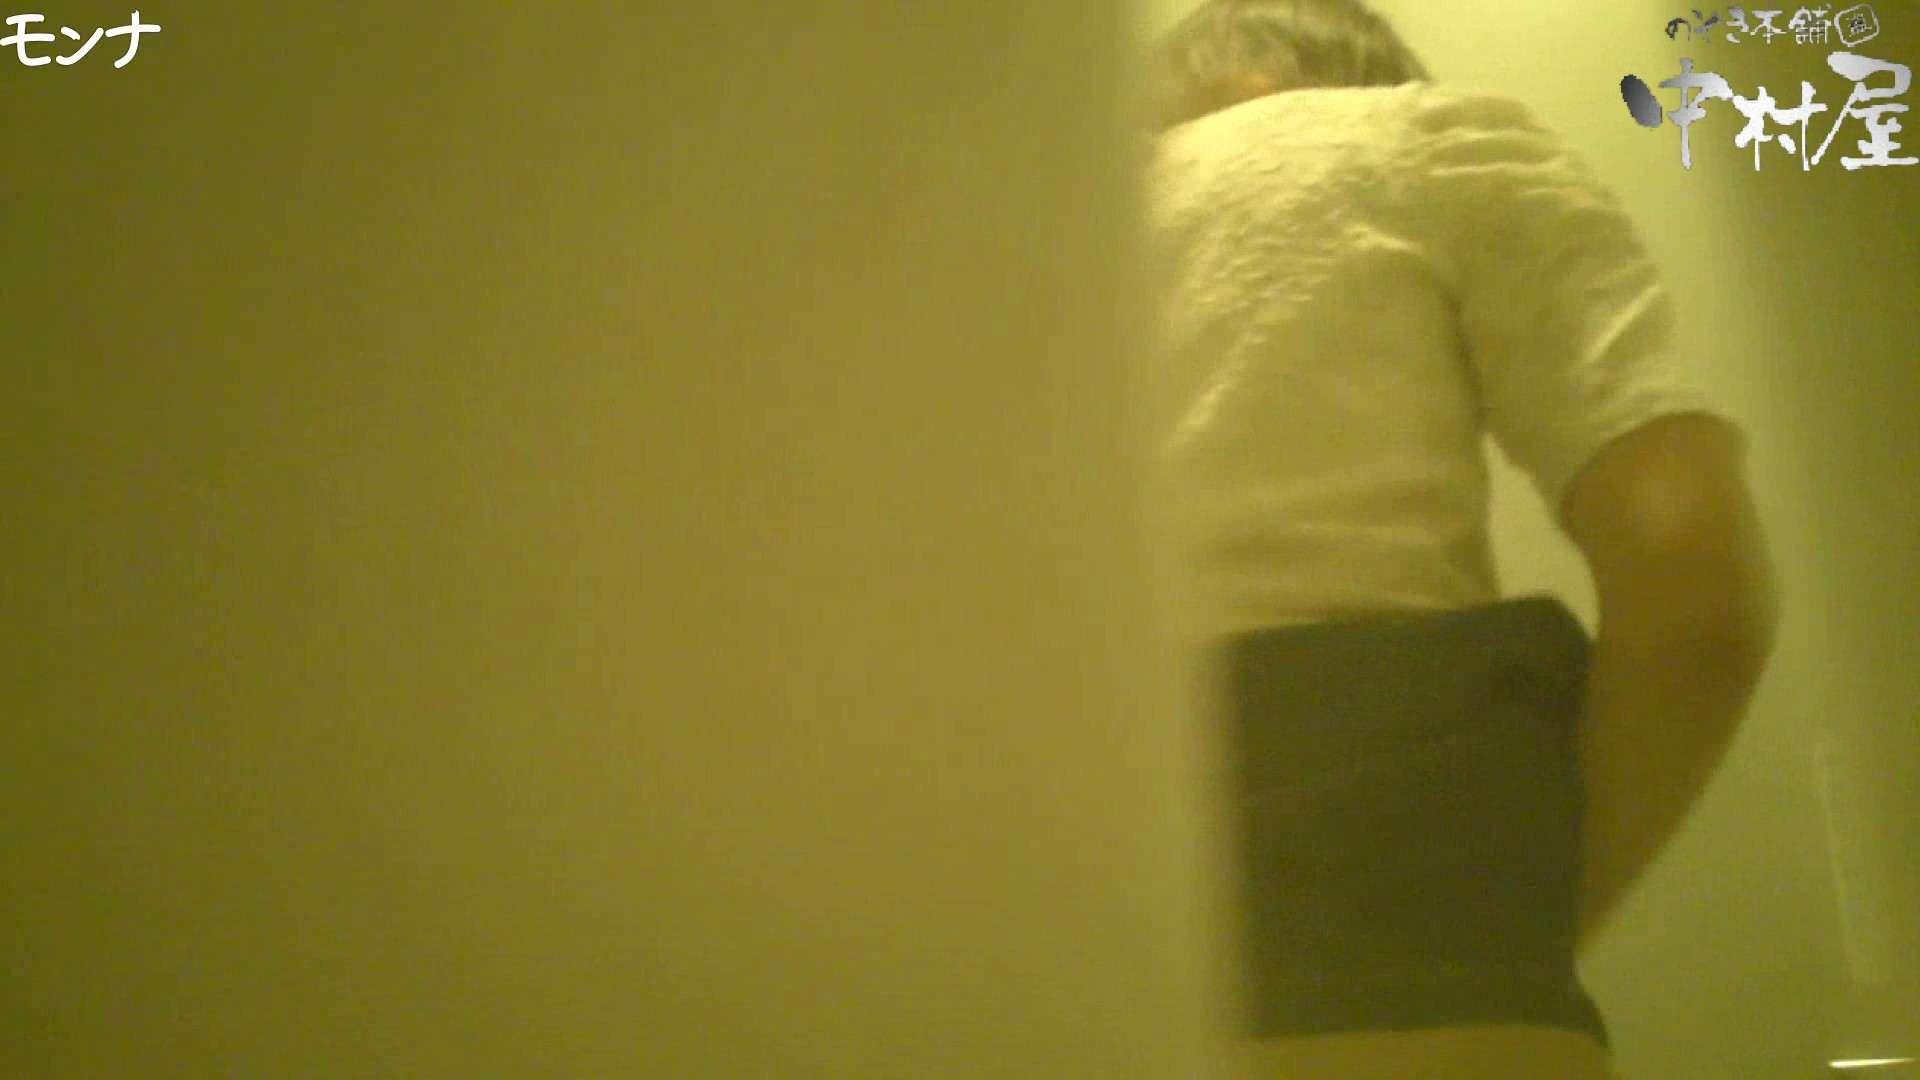 有名大学女性洗面所 vol.66 清楚系女子をがっつり!! 和式 | 洗面所編 のぞき 81PIX 16